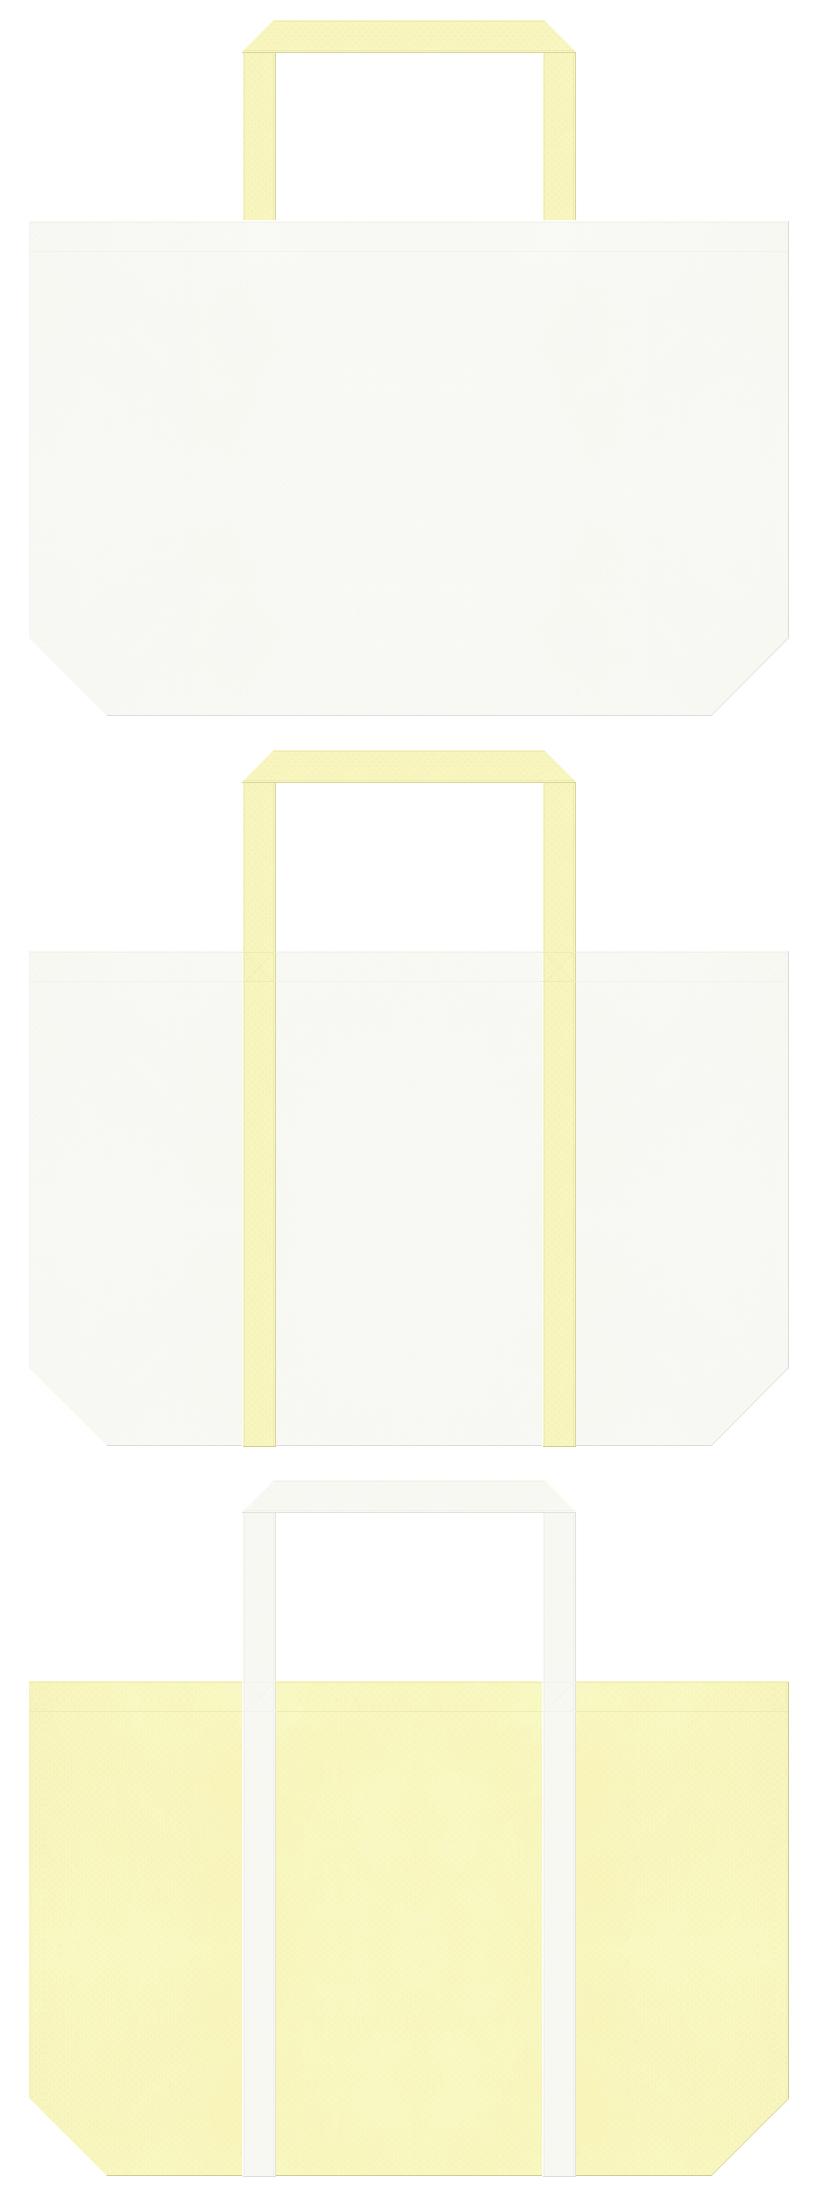 オフホワイト色と薄黄色の不織布ショッピングバッグのデザイン:ロールケーキ風の配色です。